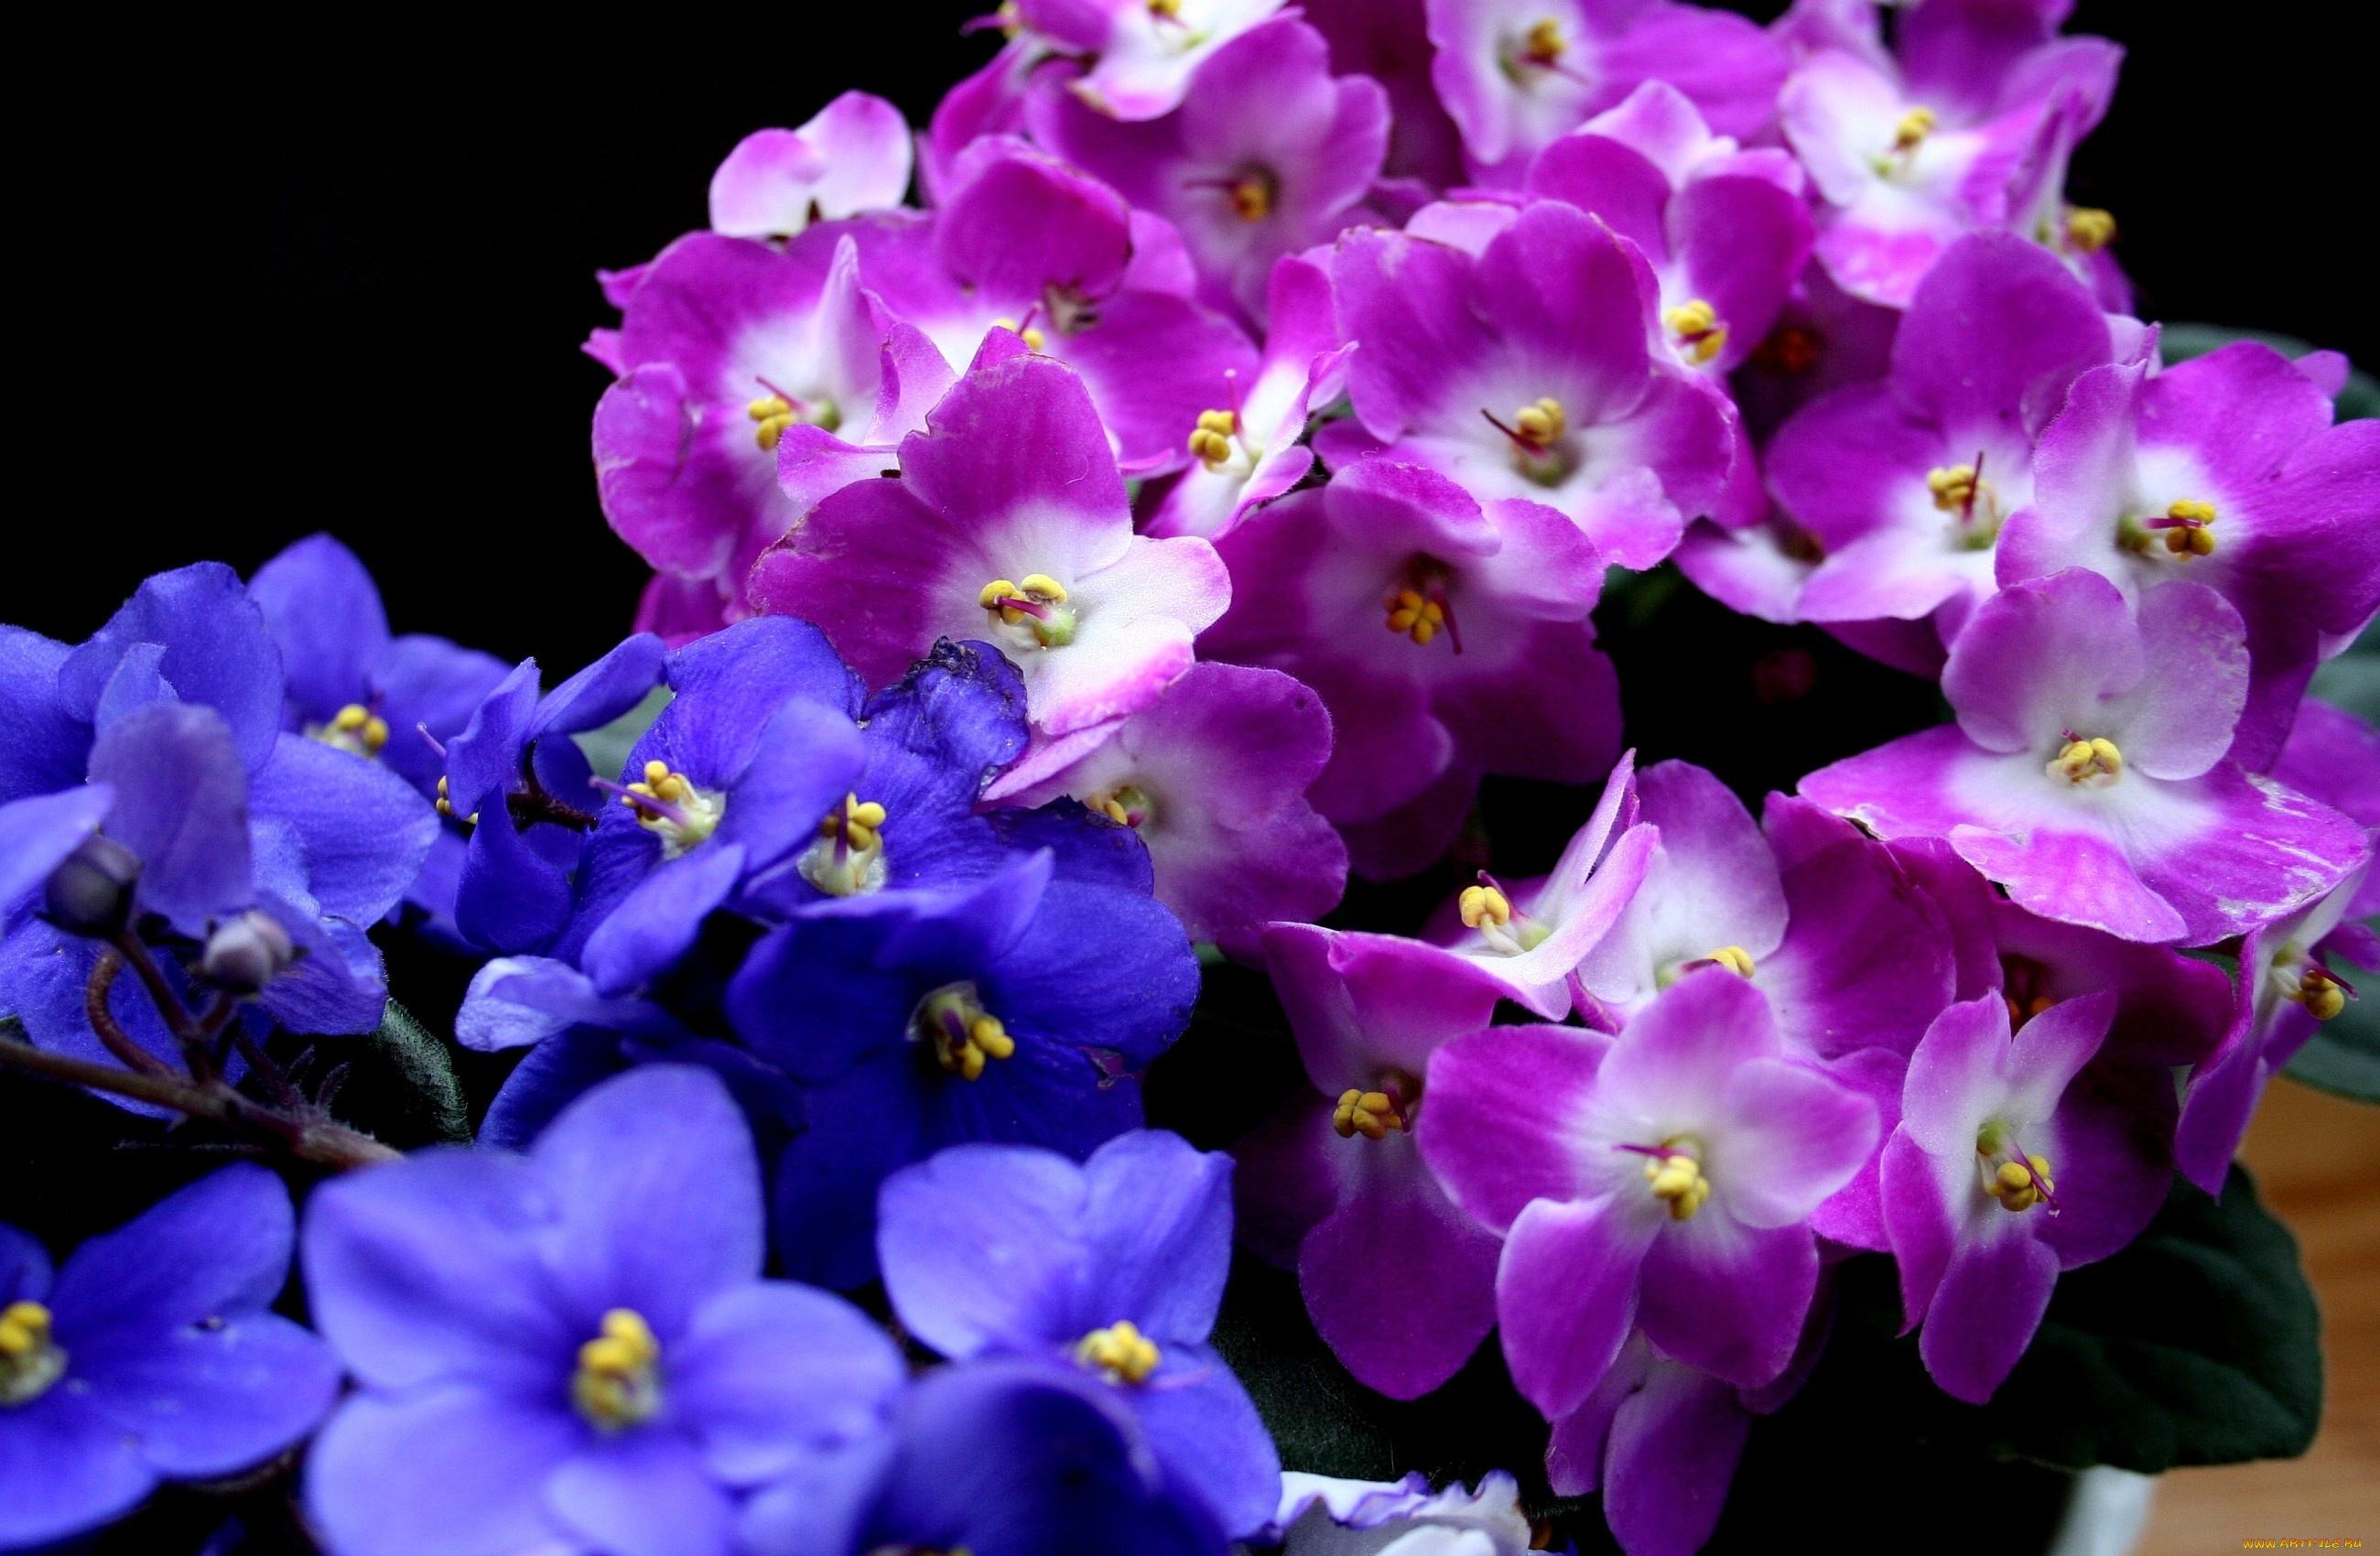 cvety-fialki-rozovyj-fioletovyj-603093.jpg